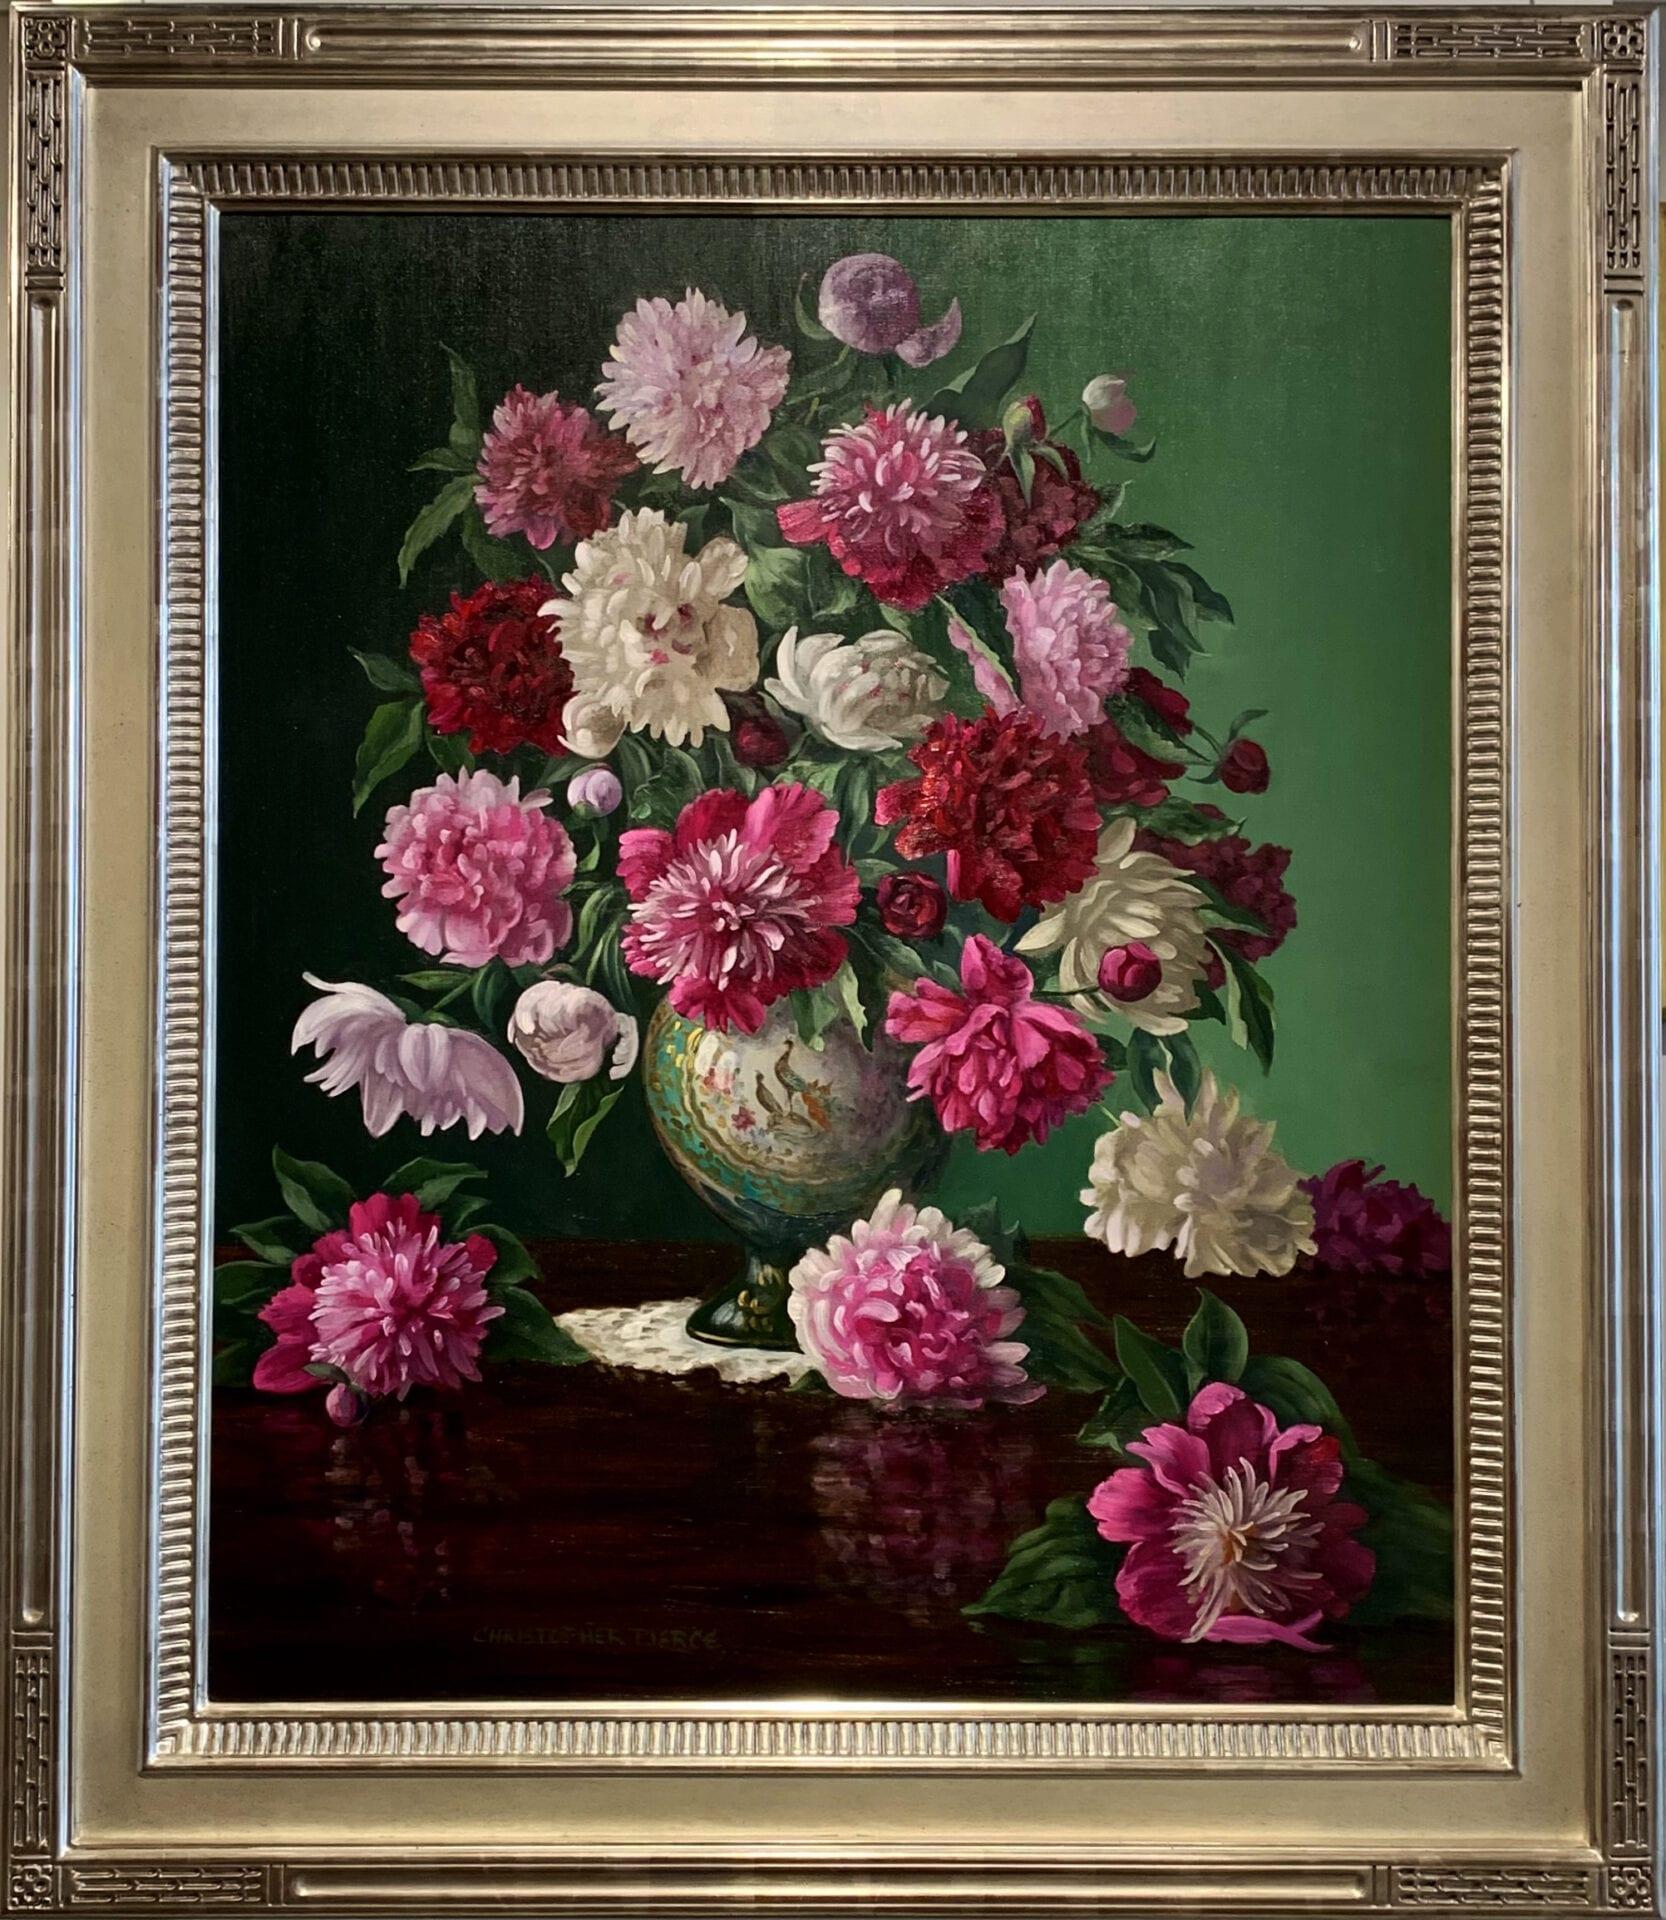 Pierce_Junes_Bounty_in_Japanese_Vase_36x30_Frame